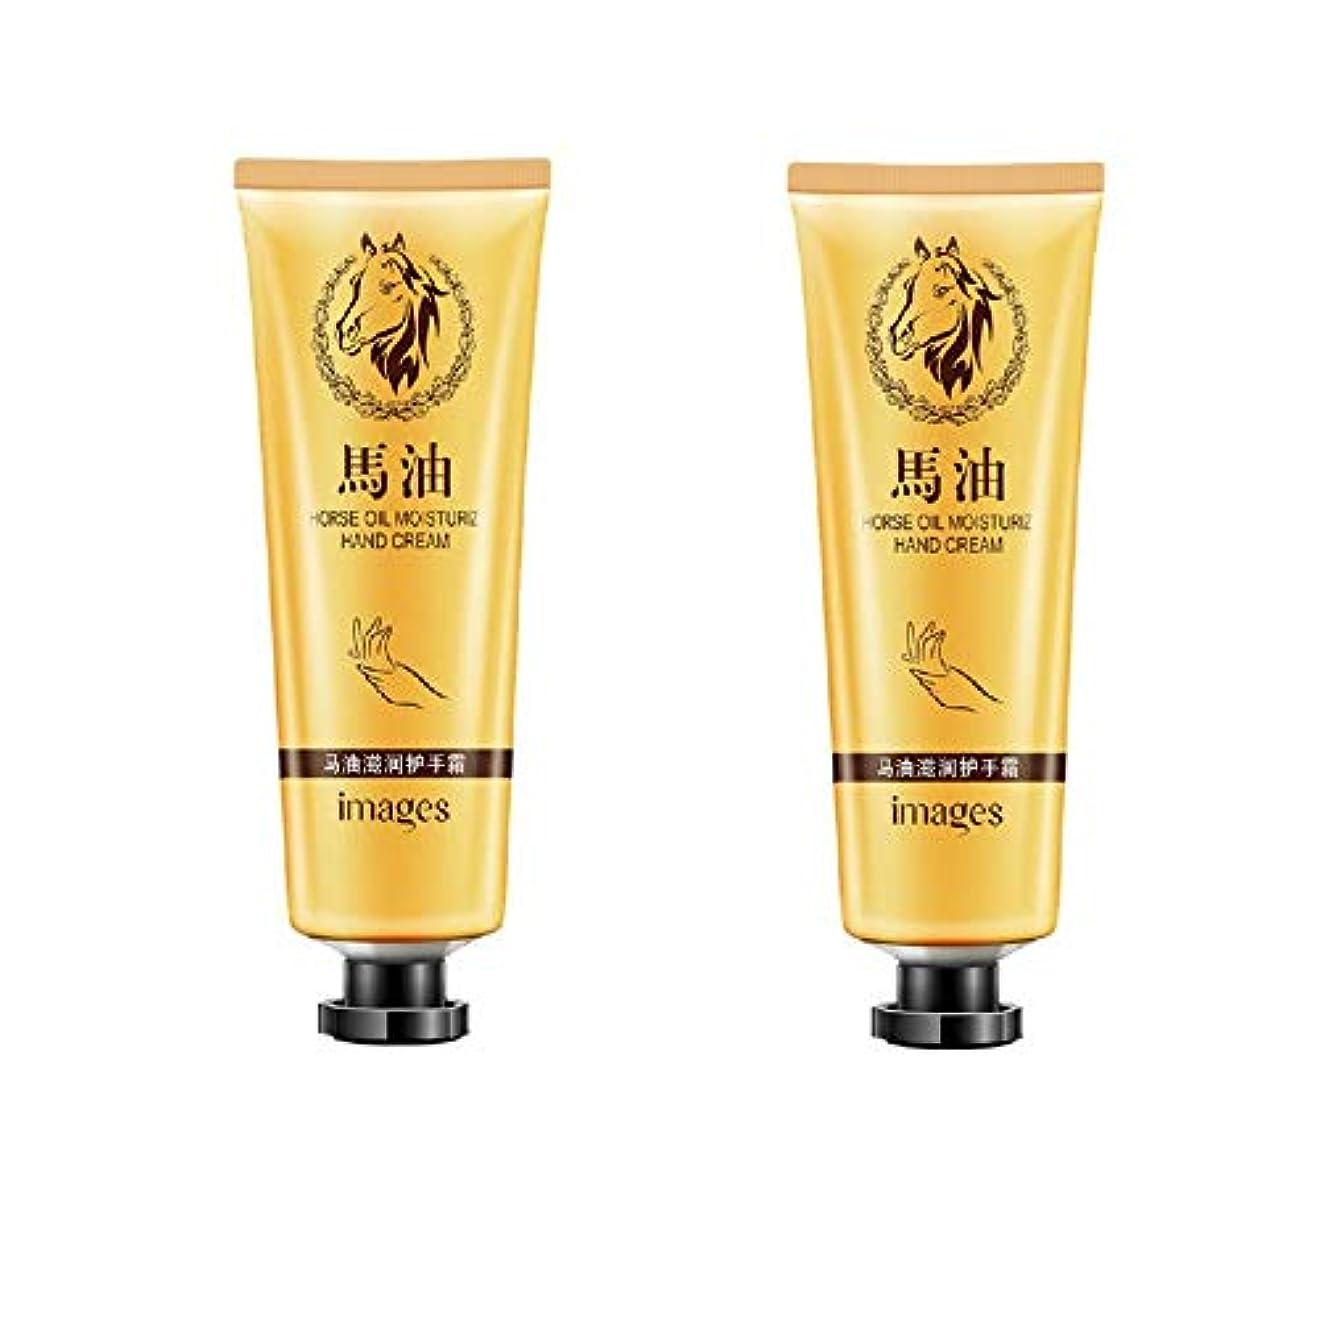 現象神聖そうRuier-tong 馬油ハンドクリーム お得2本セット インテンスリペア ハンドクリーム &ボディローション 皮膚があかぎれ防止 ハンドクリーム 手肌用保湿 濃厚な保湿力 低刺激 超乾燥肌用 30g